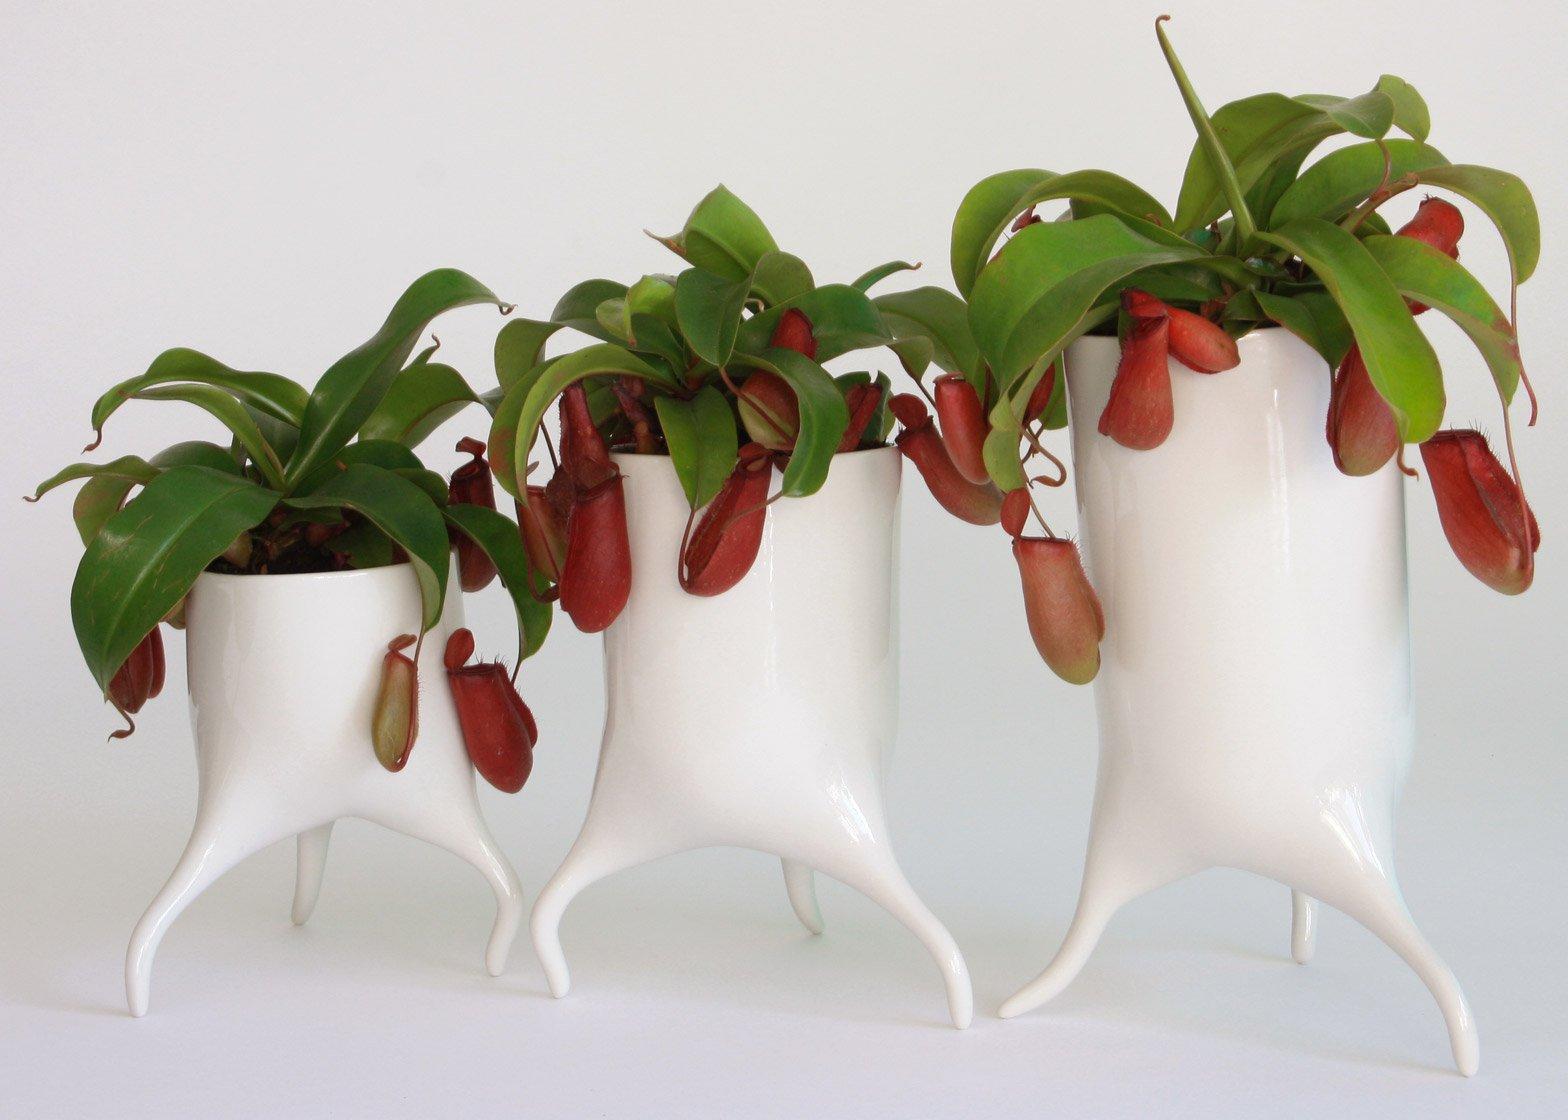 The Carnivora plant pots by Tim Van de Weerd